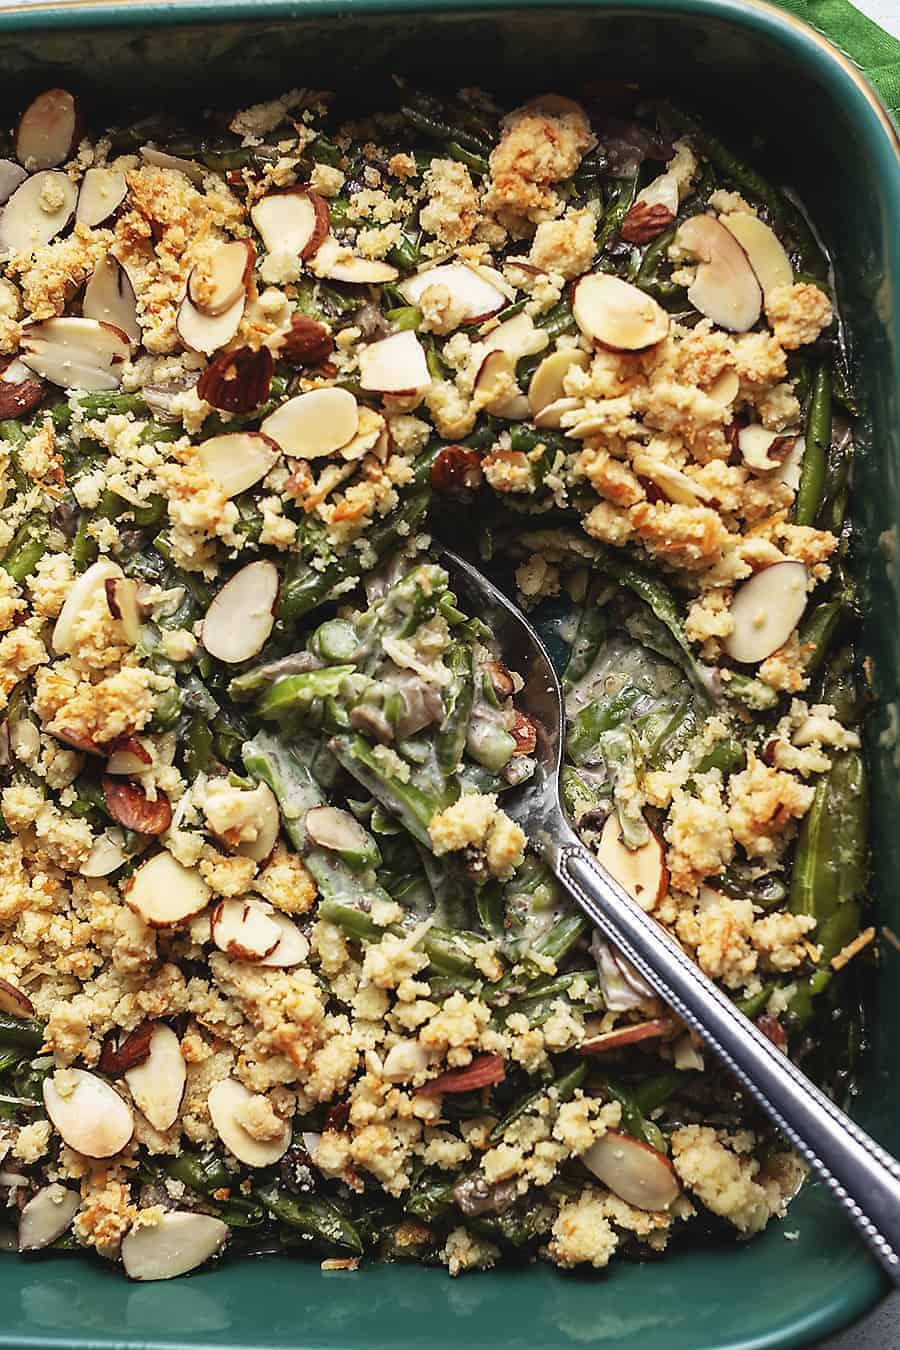 keto green bean casserole in a baking dish